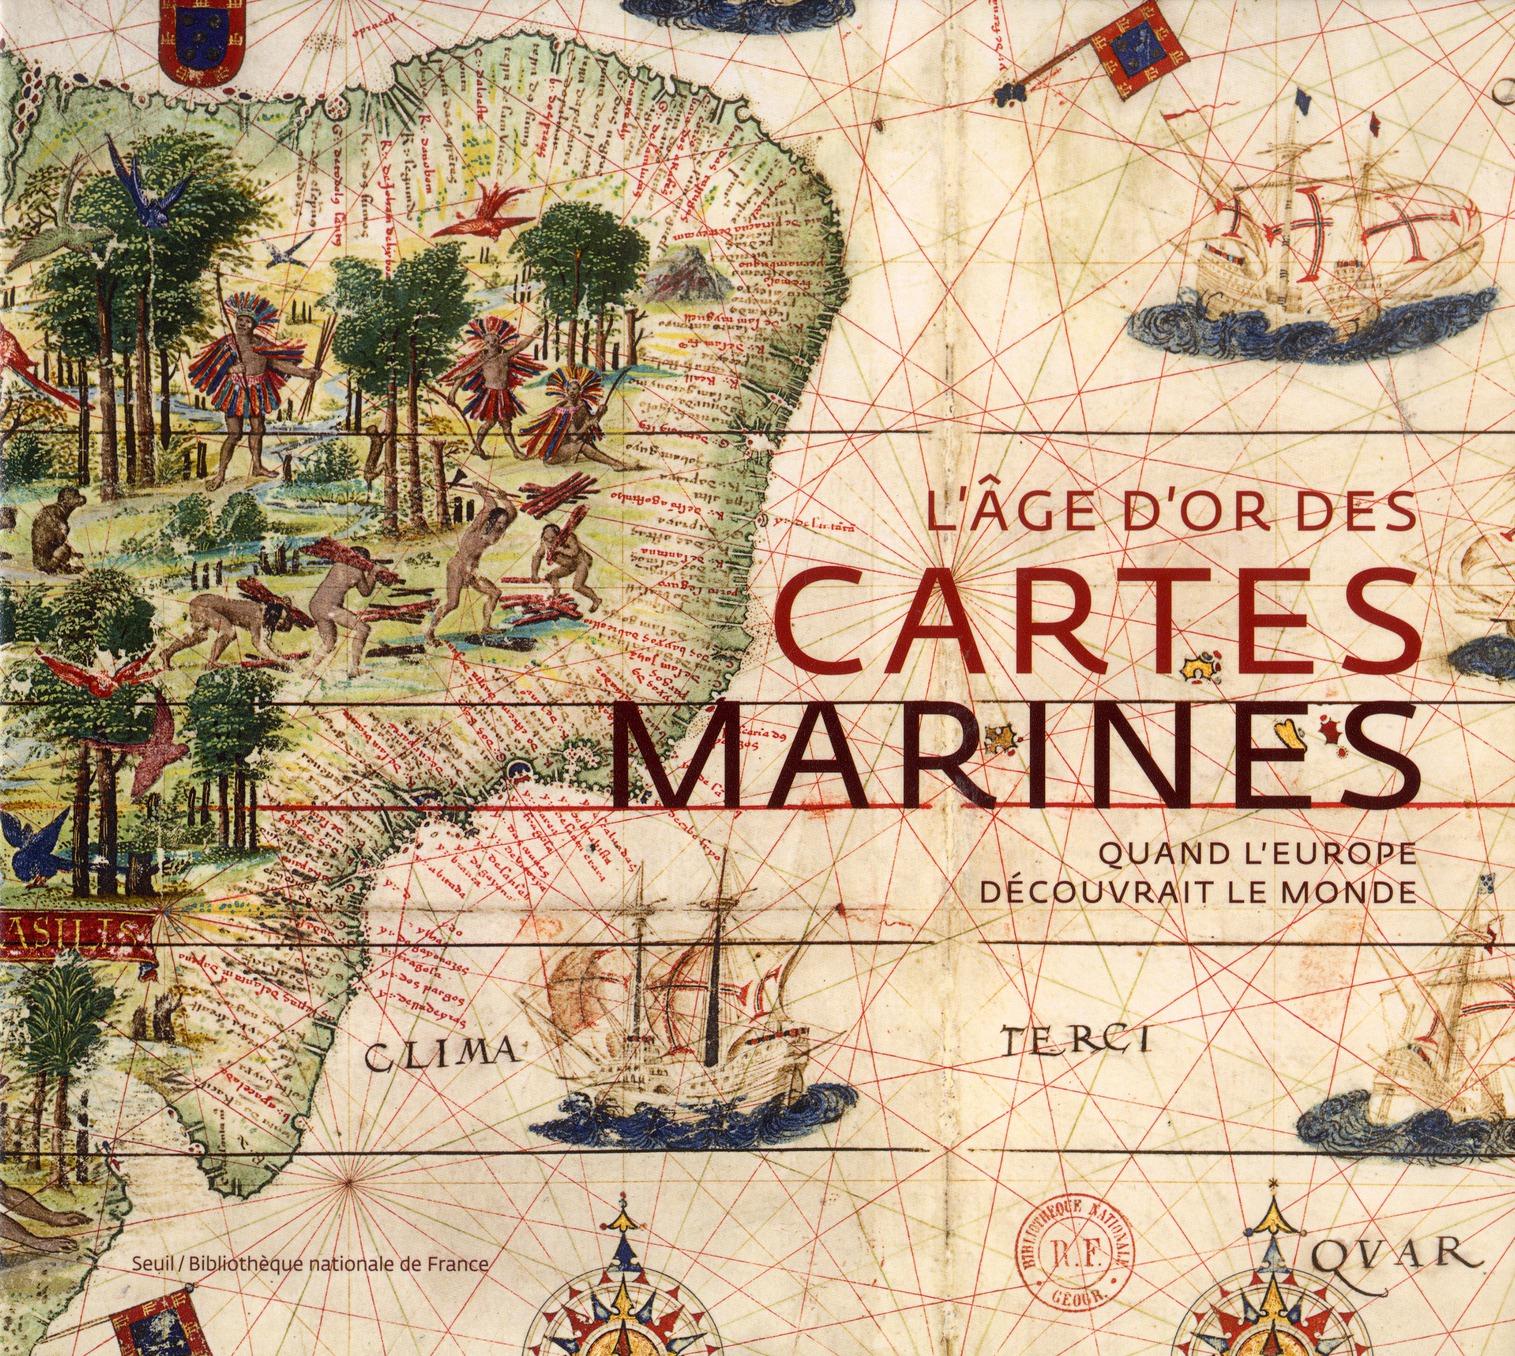 L'âge d'or des cartes marines ; quand l'Europe découvrait le monde